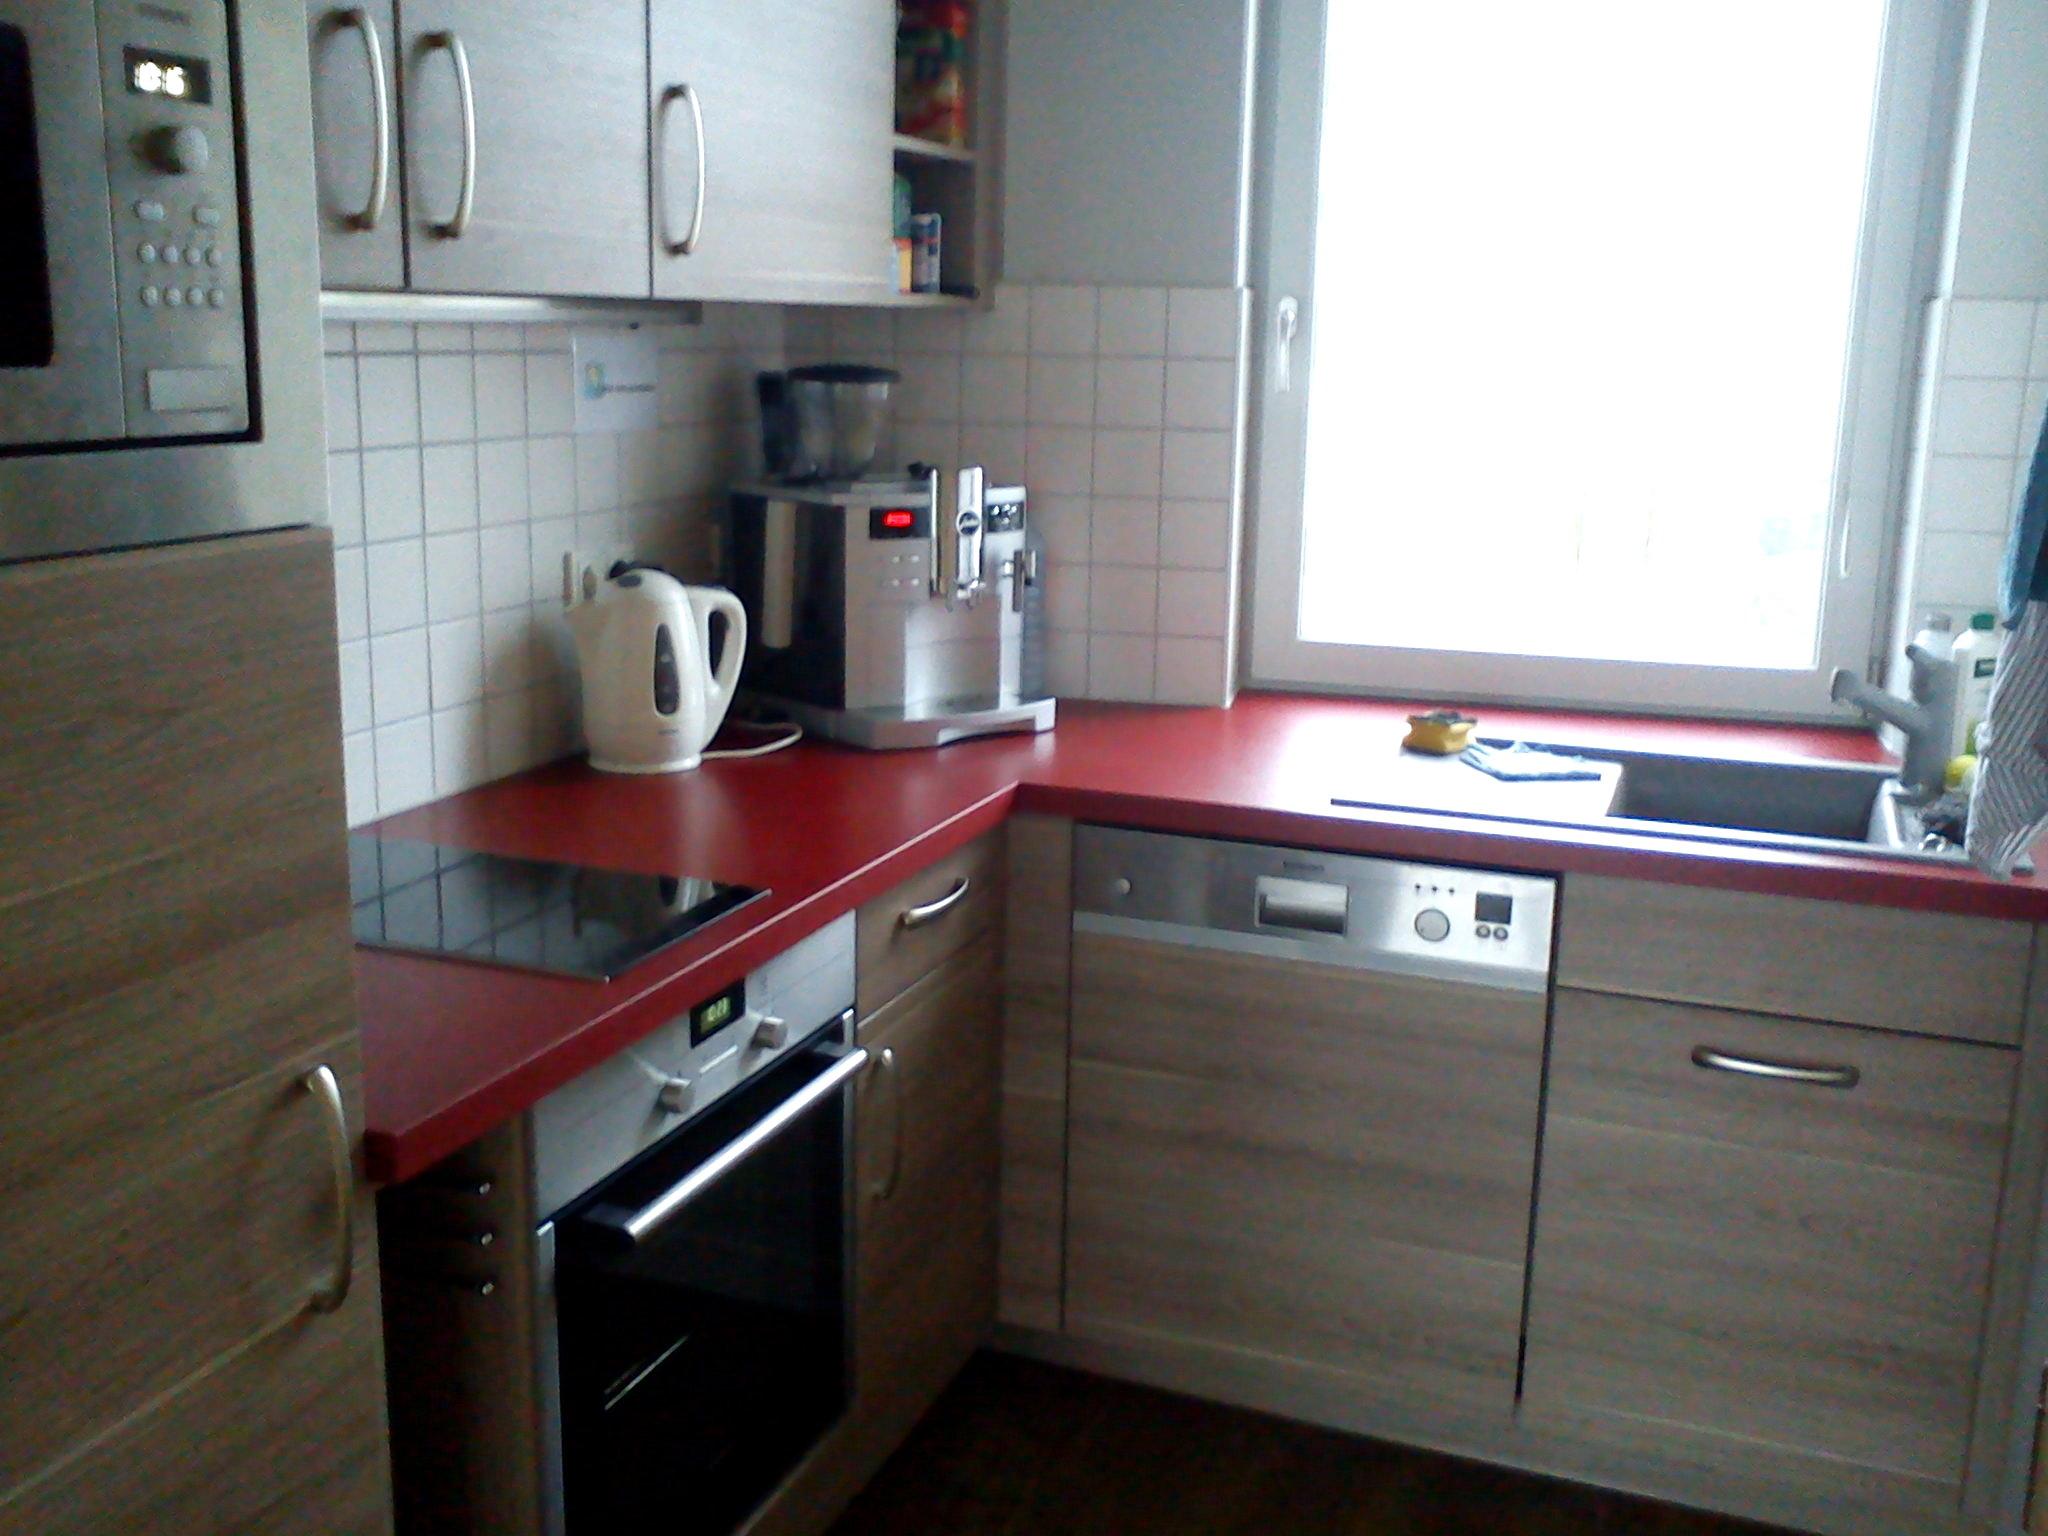 Agencia de servicio dom stico en zaragoza cangurin - Limpieza de cocina ...